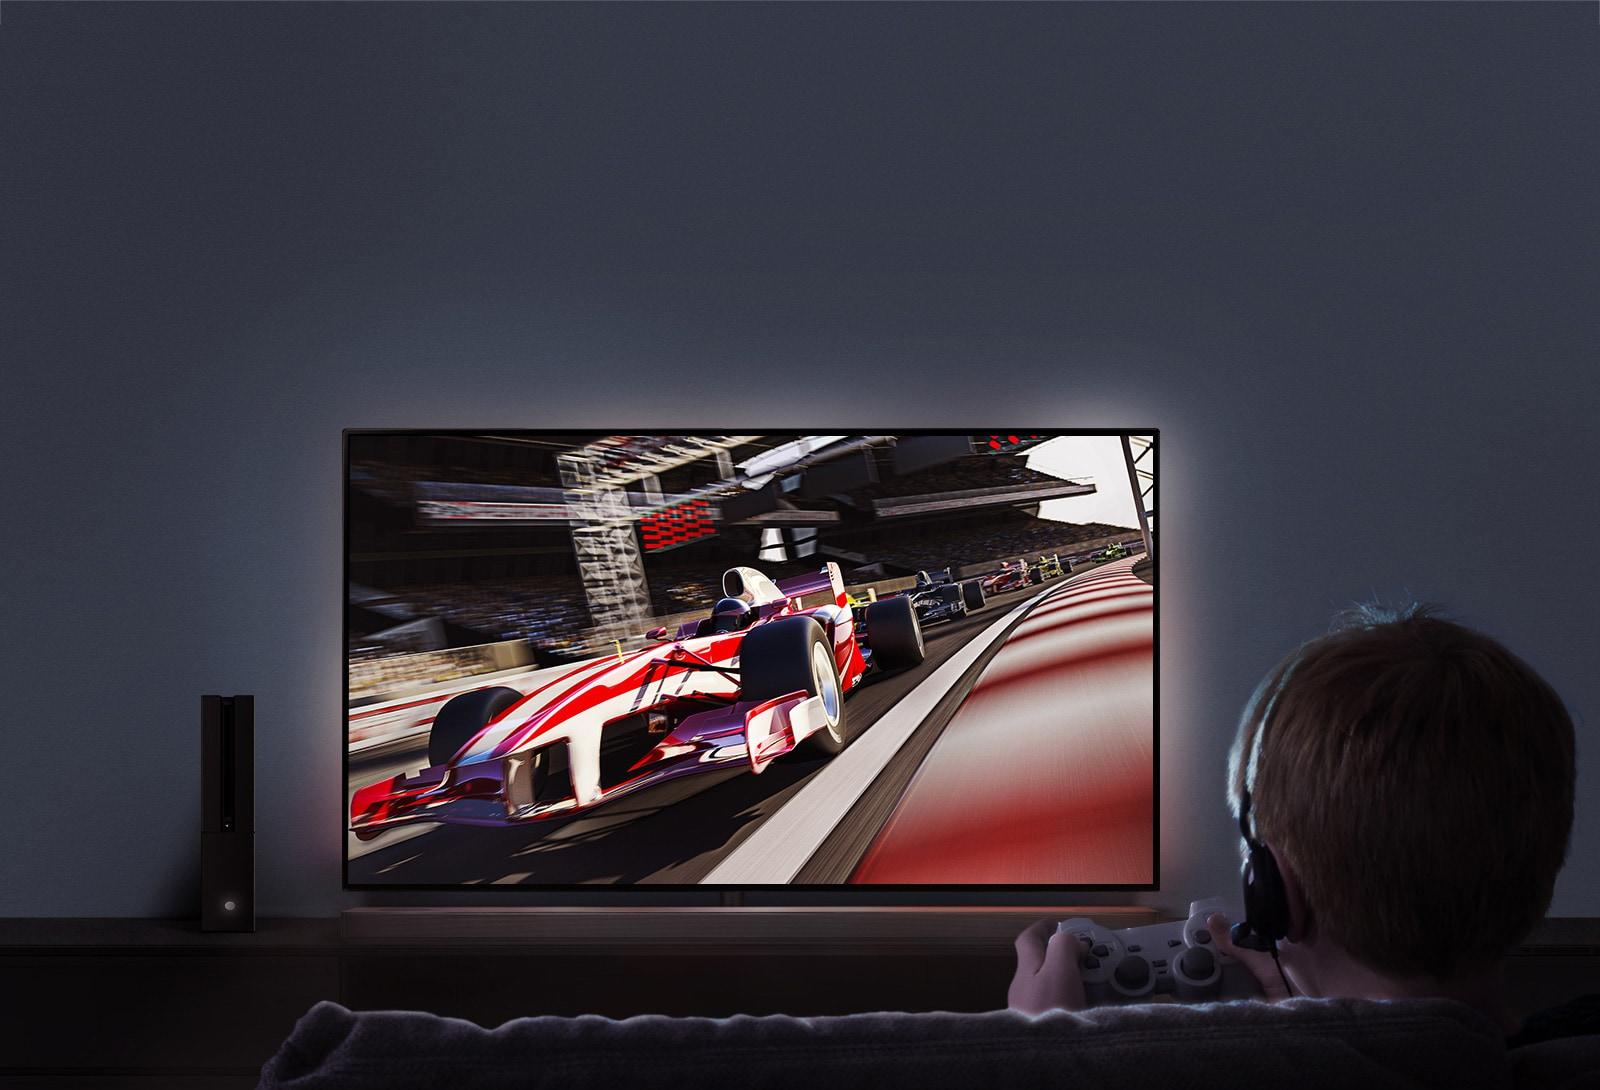 08_SK80_AS_Game_TV_desktop